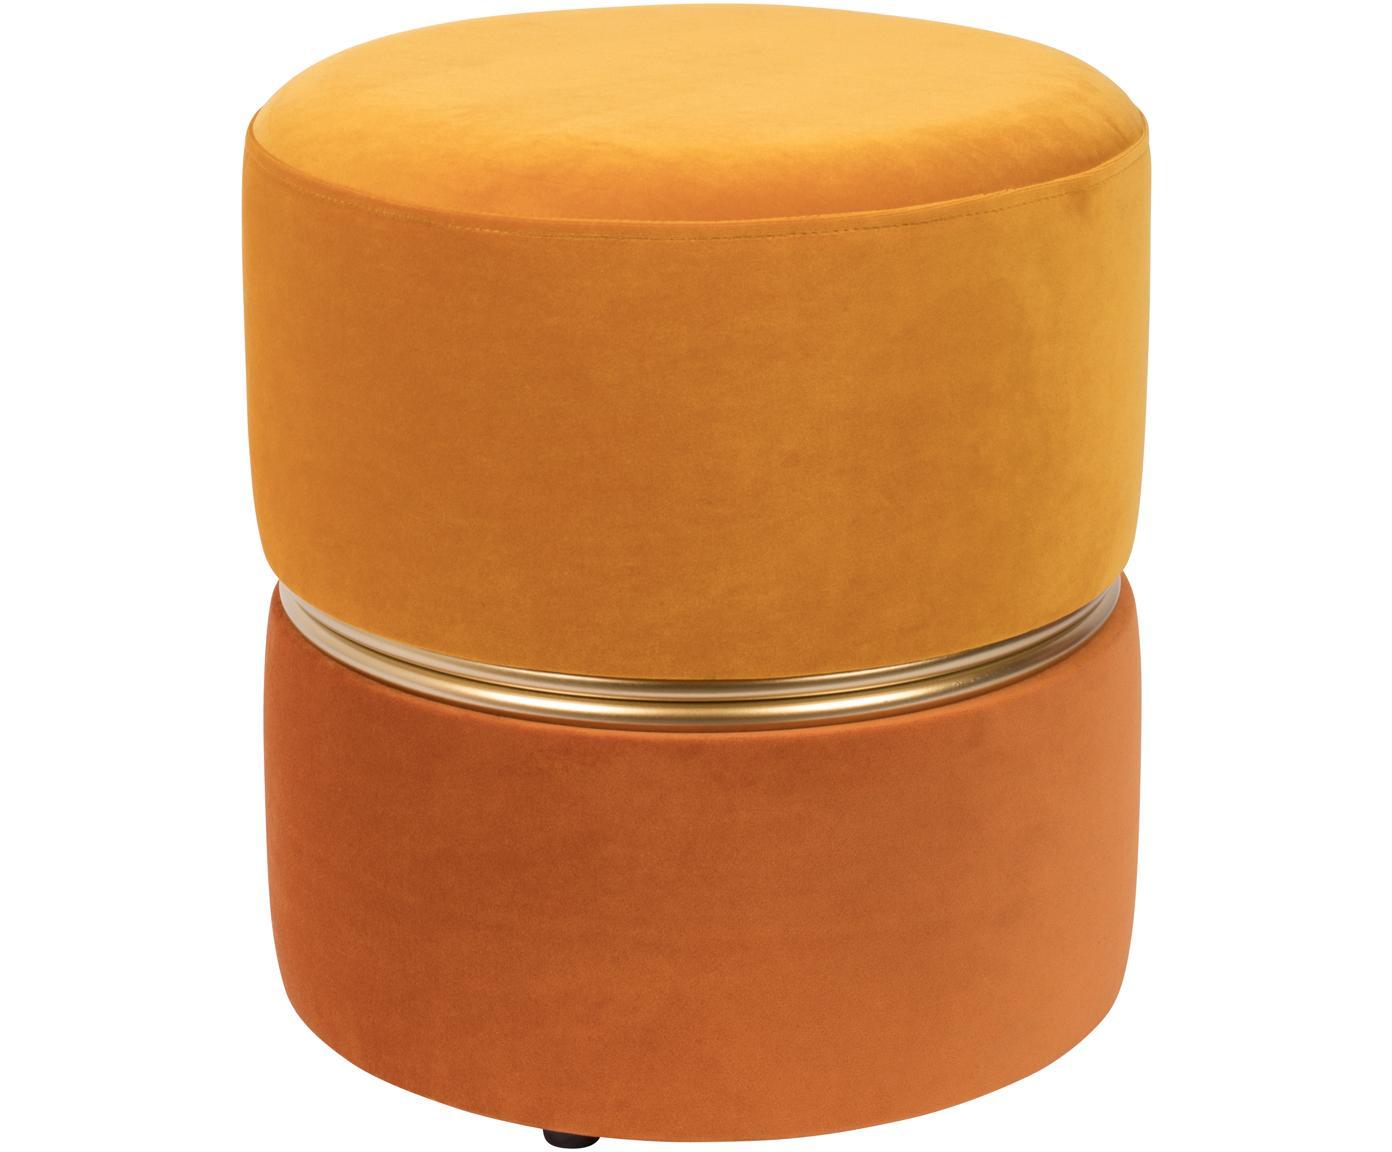 Puf de terciopelo Bubbly, Tapizado: terciopelo de poliéster 2, Estructura: tablero de fibra de densi, Tonos amarillos, Ø 35 x Al 39 cm